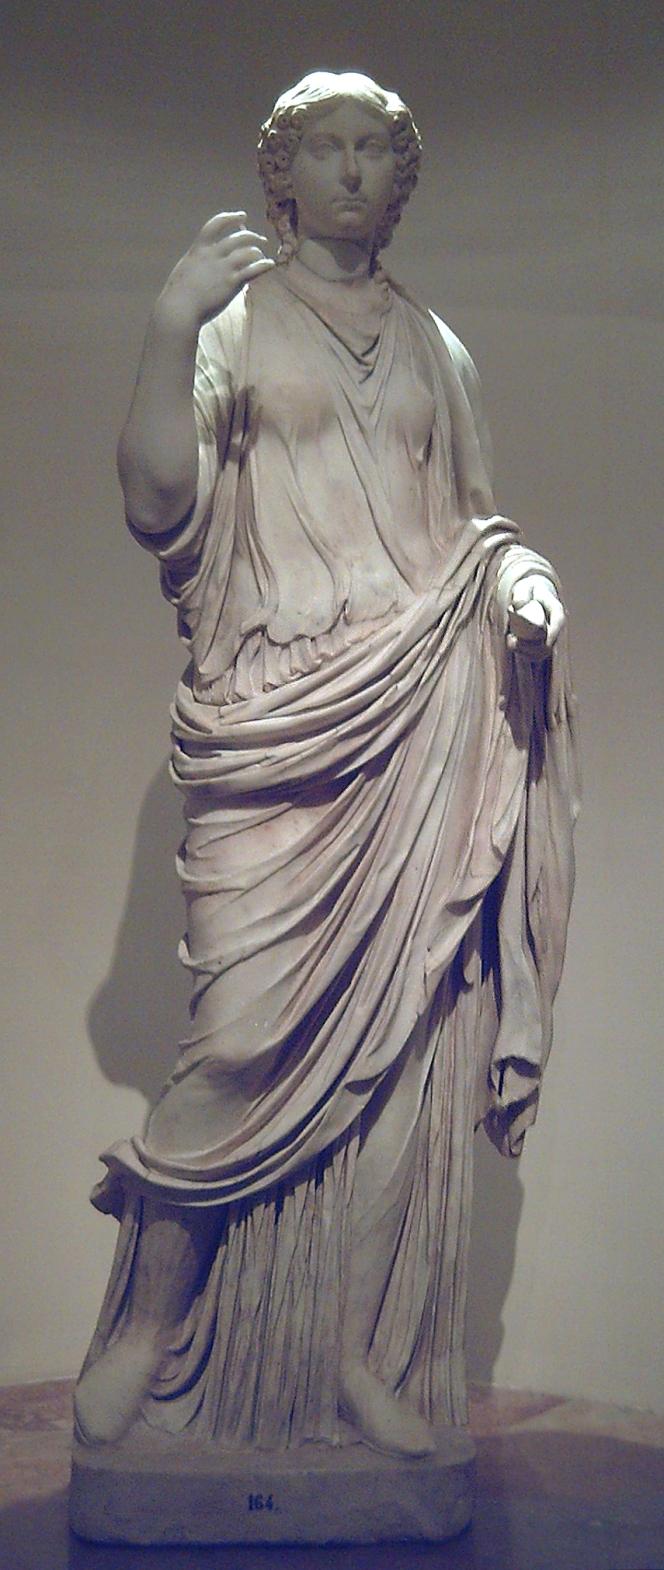 Estatua de una DAMA ROMANA DEL PERÍODO JULIO-CLAUDIO, en el Museo del Prado (Madrid, España), procedente de la Colección Real. Esculpida en mármol hacia 40 d.C. ------- Statue of a LADY FROM THE JULIO-CLAUDIAN PERIOD, at the Prado Museum (Madrid, Spain), from the Spanish Royal Collection. It was sculpted in marble circa 40 CE.